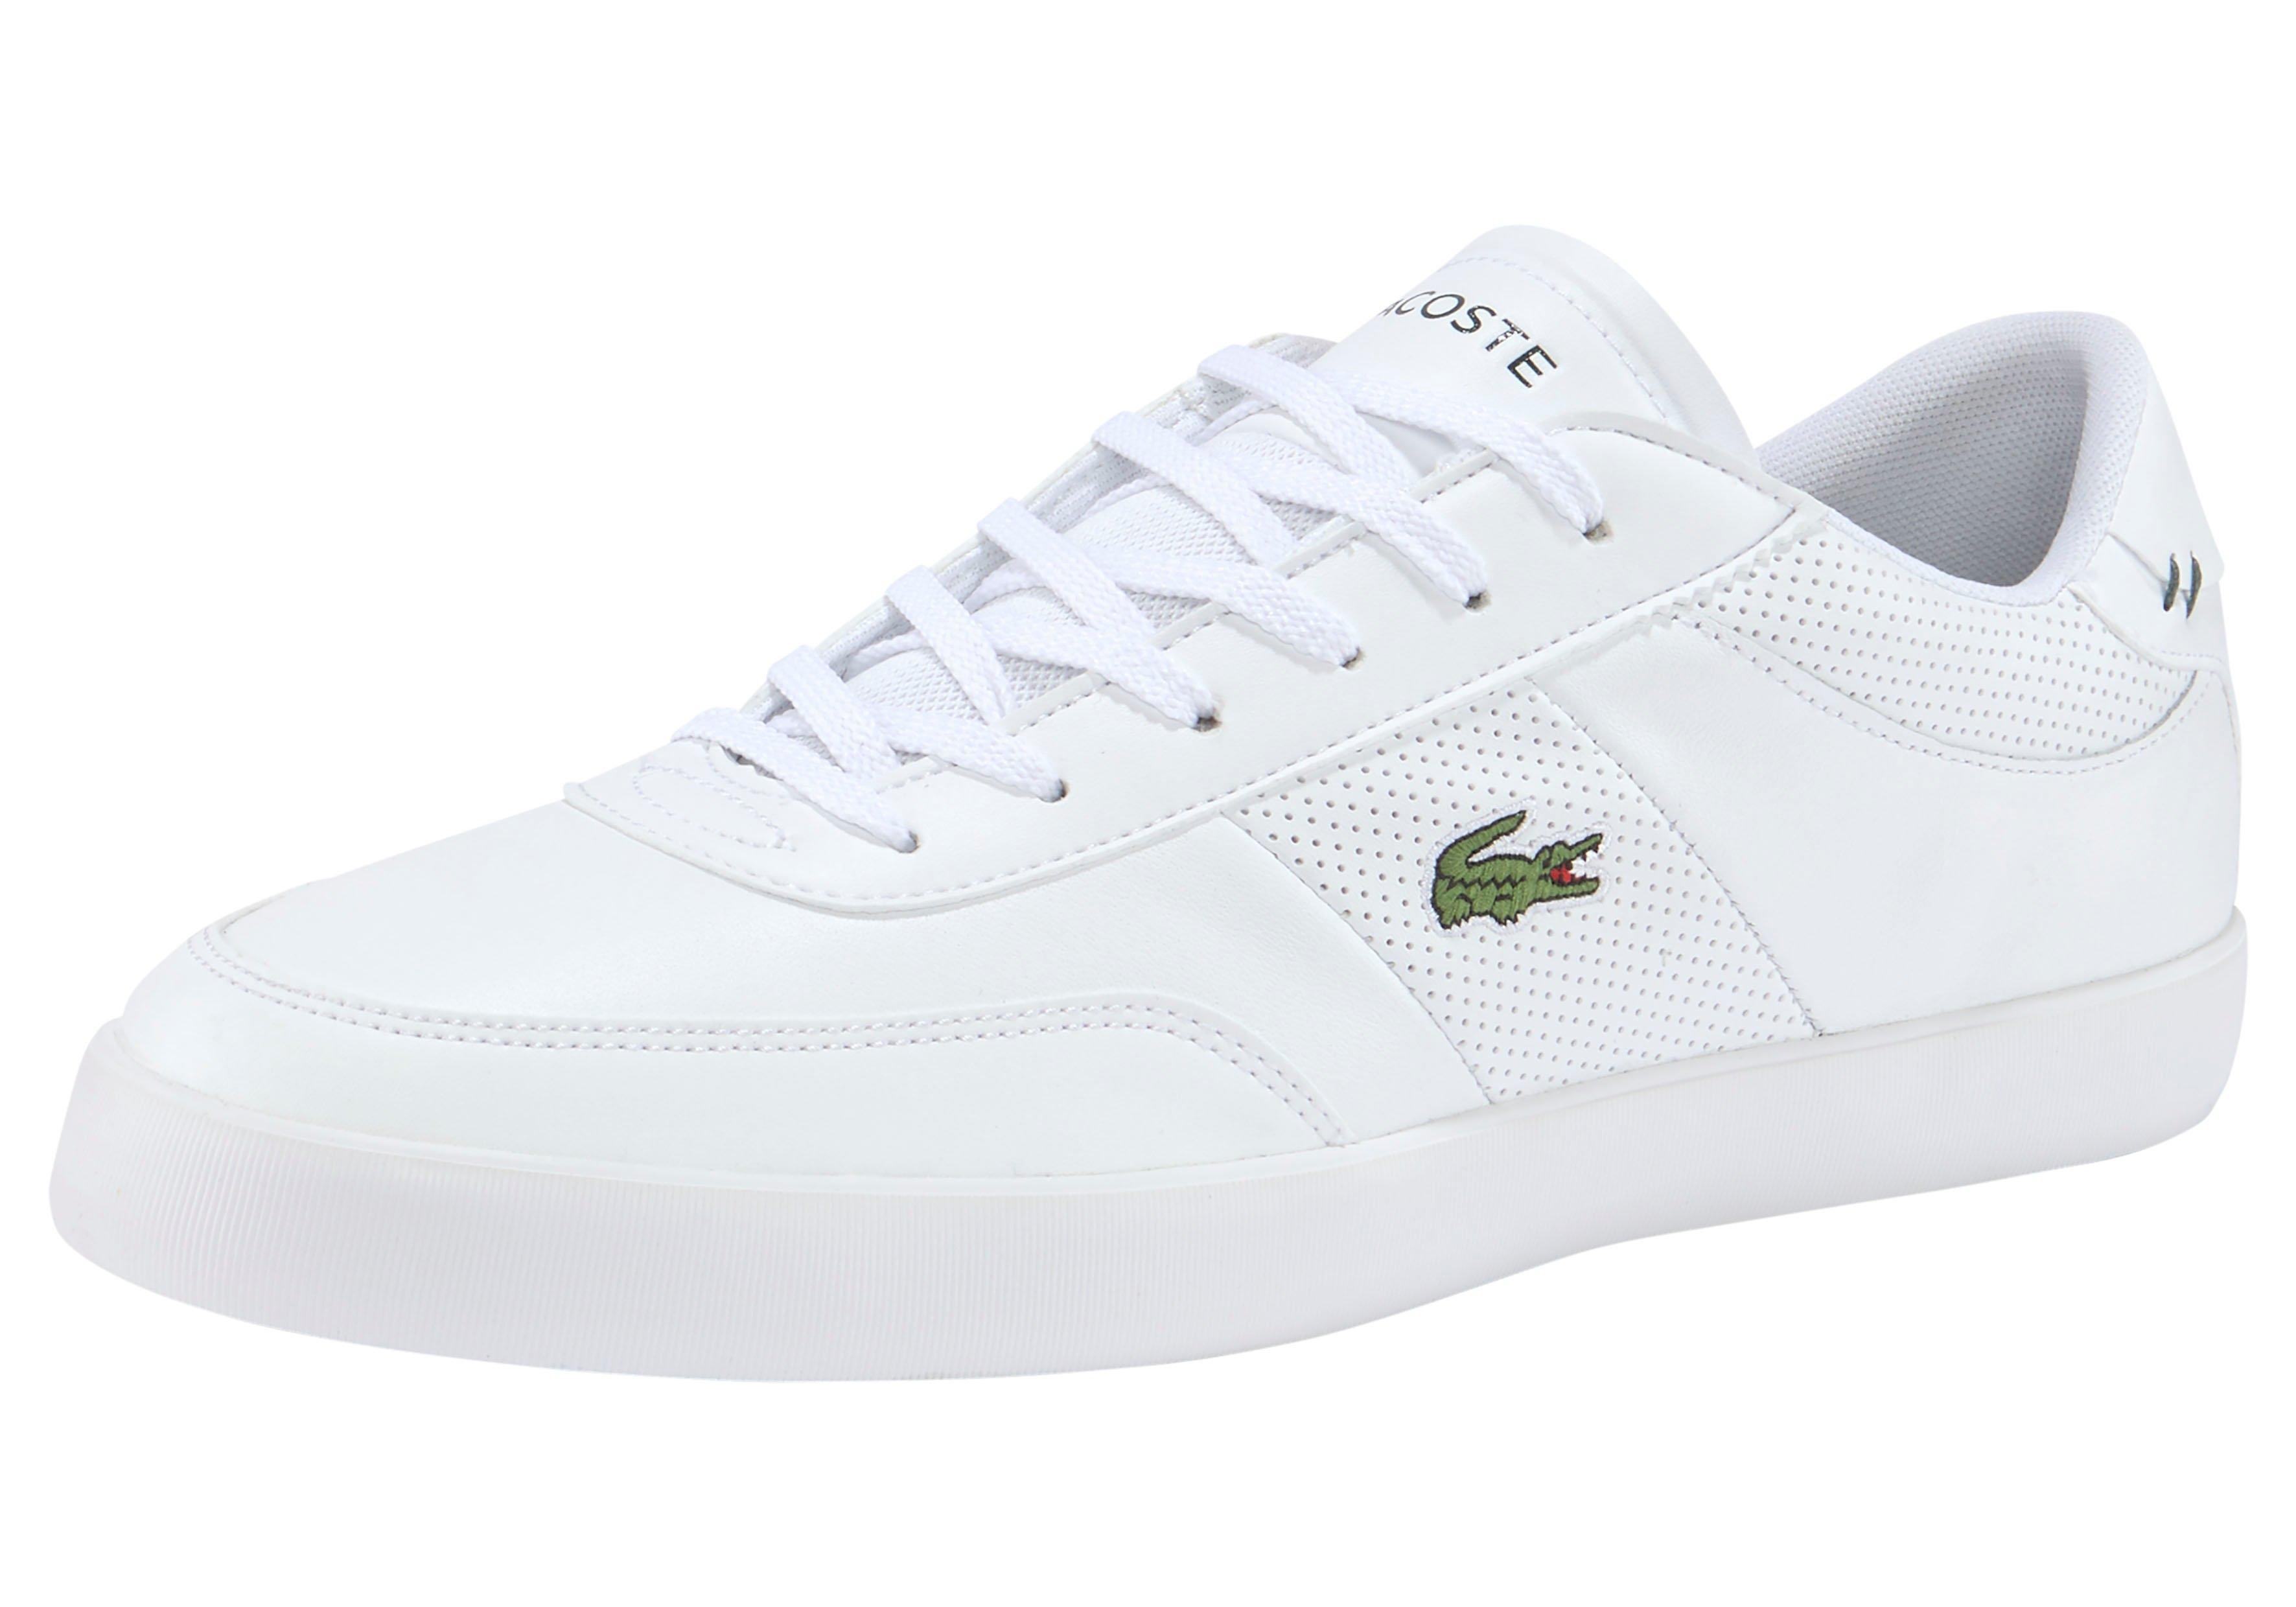 LACOSTE sneakers »COURT-MASTER 0120 1 CMA« bestellen: 30 dagen bedenktijd